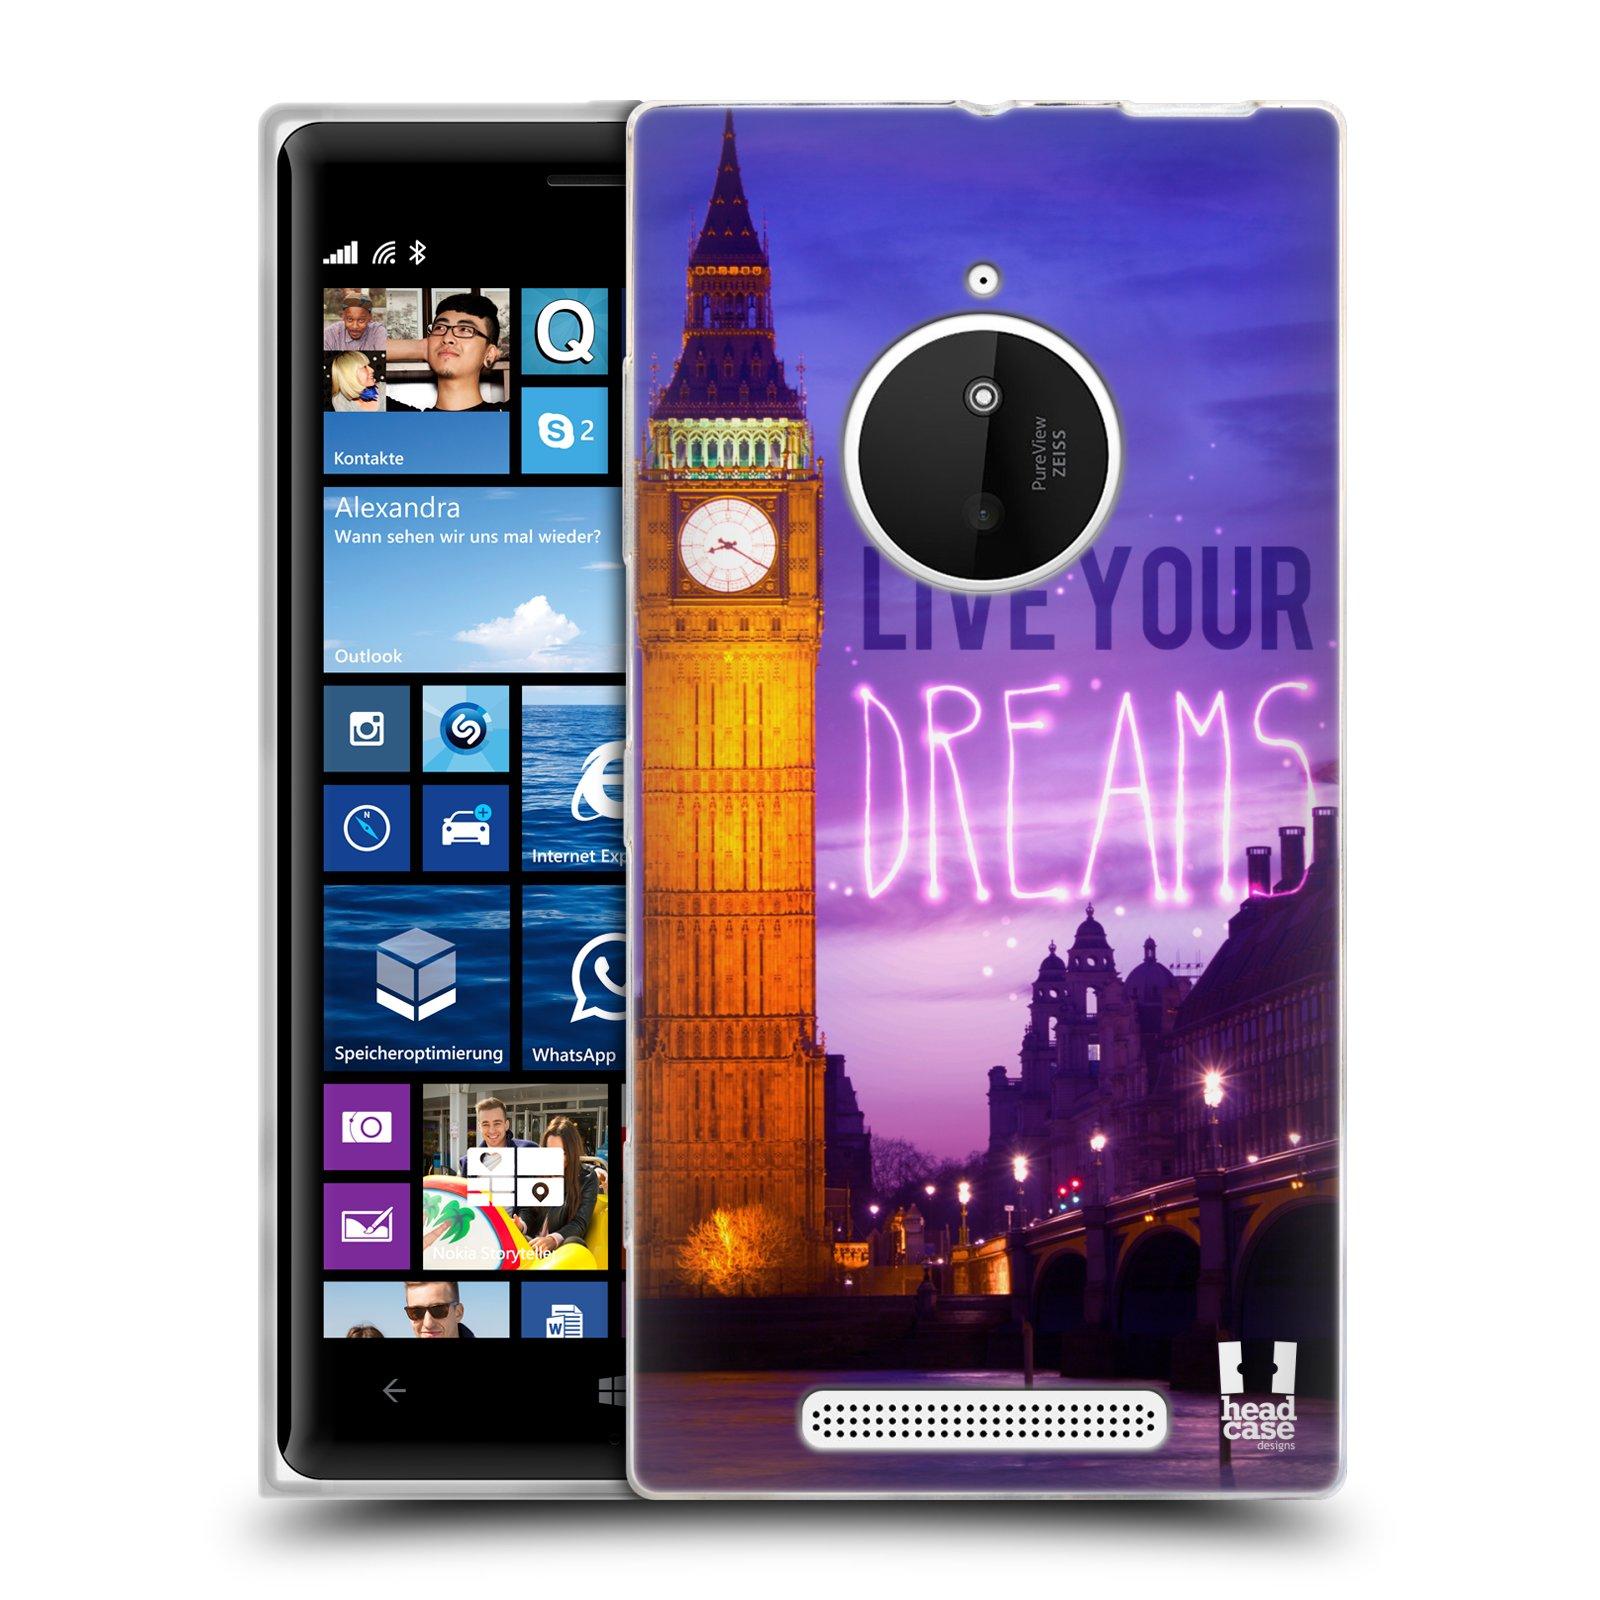 Silikonové pouzdro na mobil Nokia Lumia 830 HEAD CASE DREAMS (Silikonový kryt či obal na mobilní telefon Nokia Lumia 830)